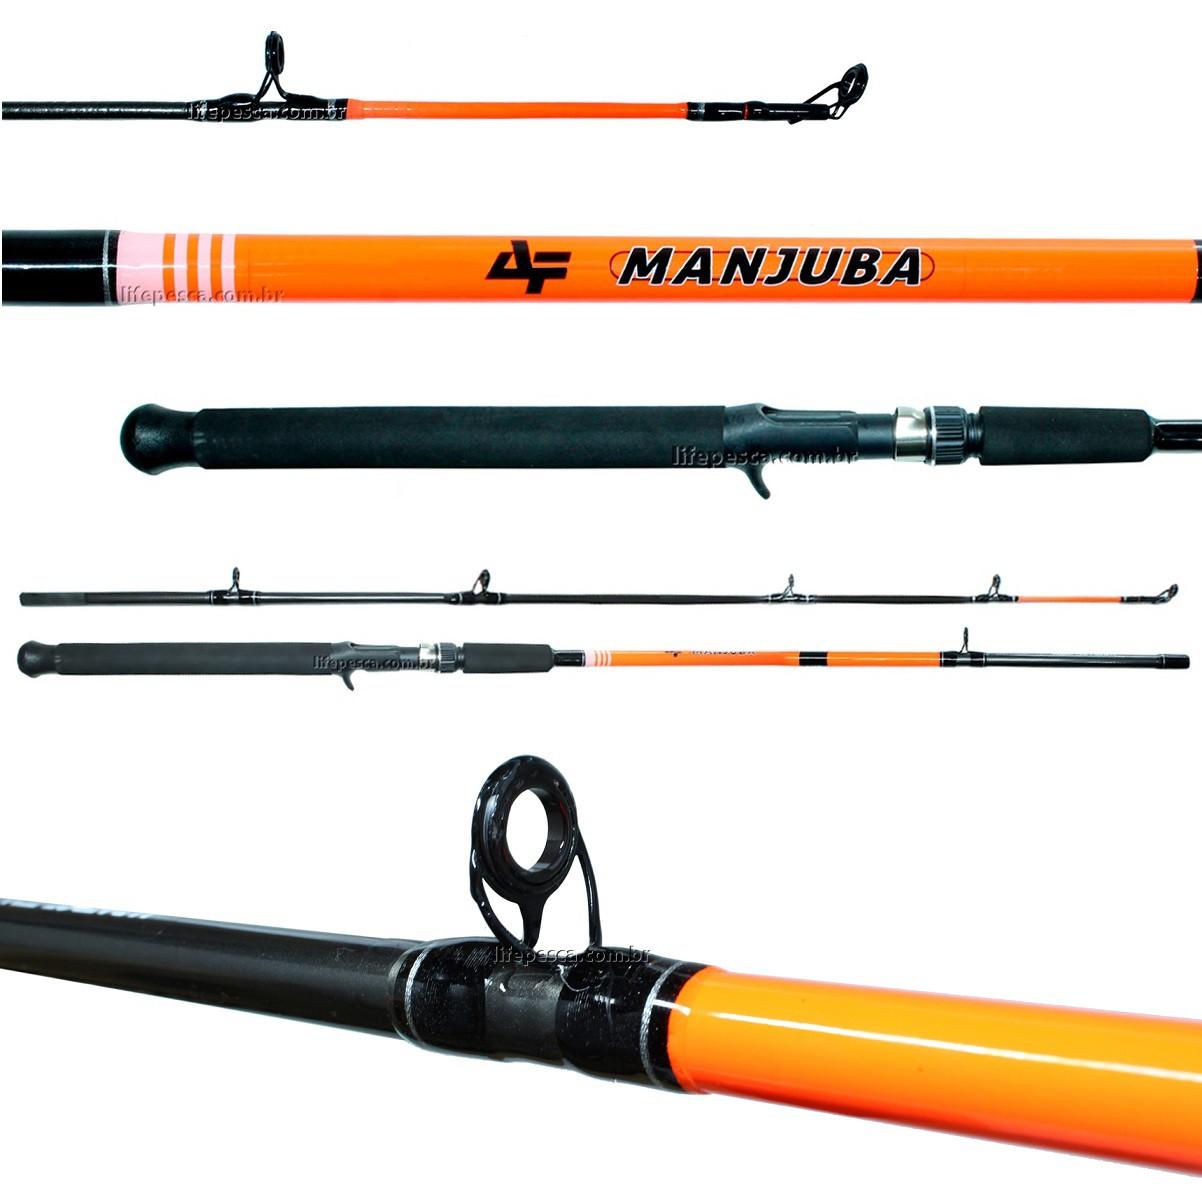 Vara Para Carretilha Albatroz Fishing Manjuba 9 0 (2,70m) 15-30Lbs - C2702 - 2 Partes  - Life Pesca - Sua loja de Pesca, Camping e Lazer